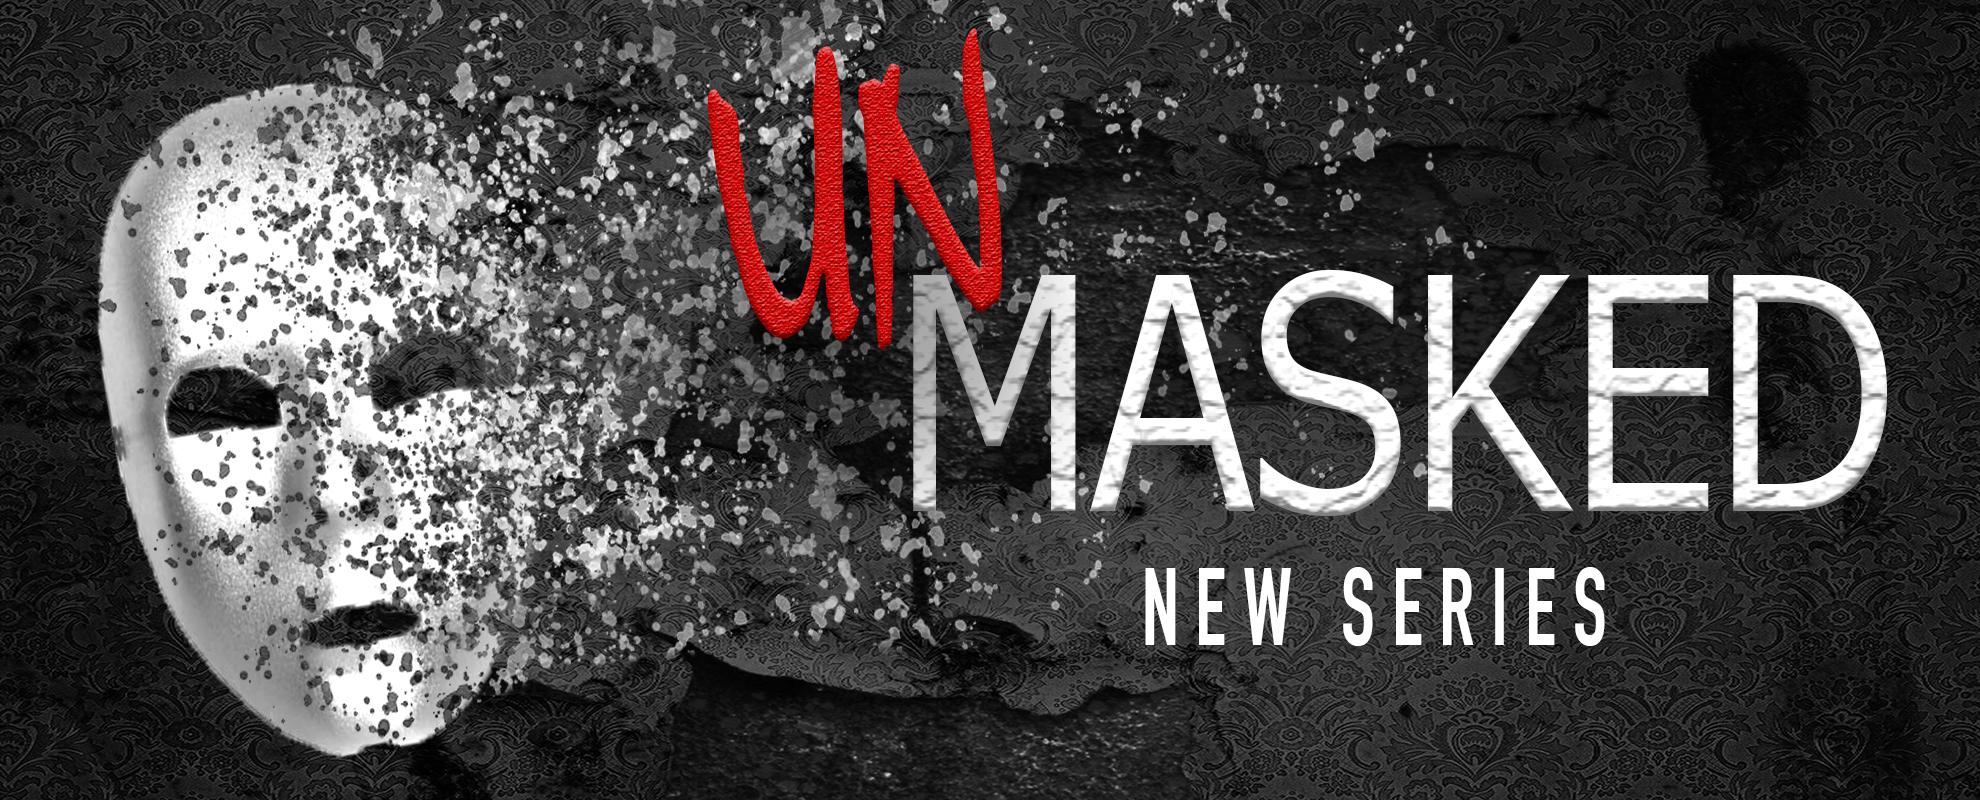 unmasked-3